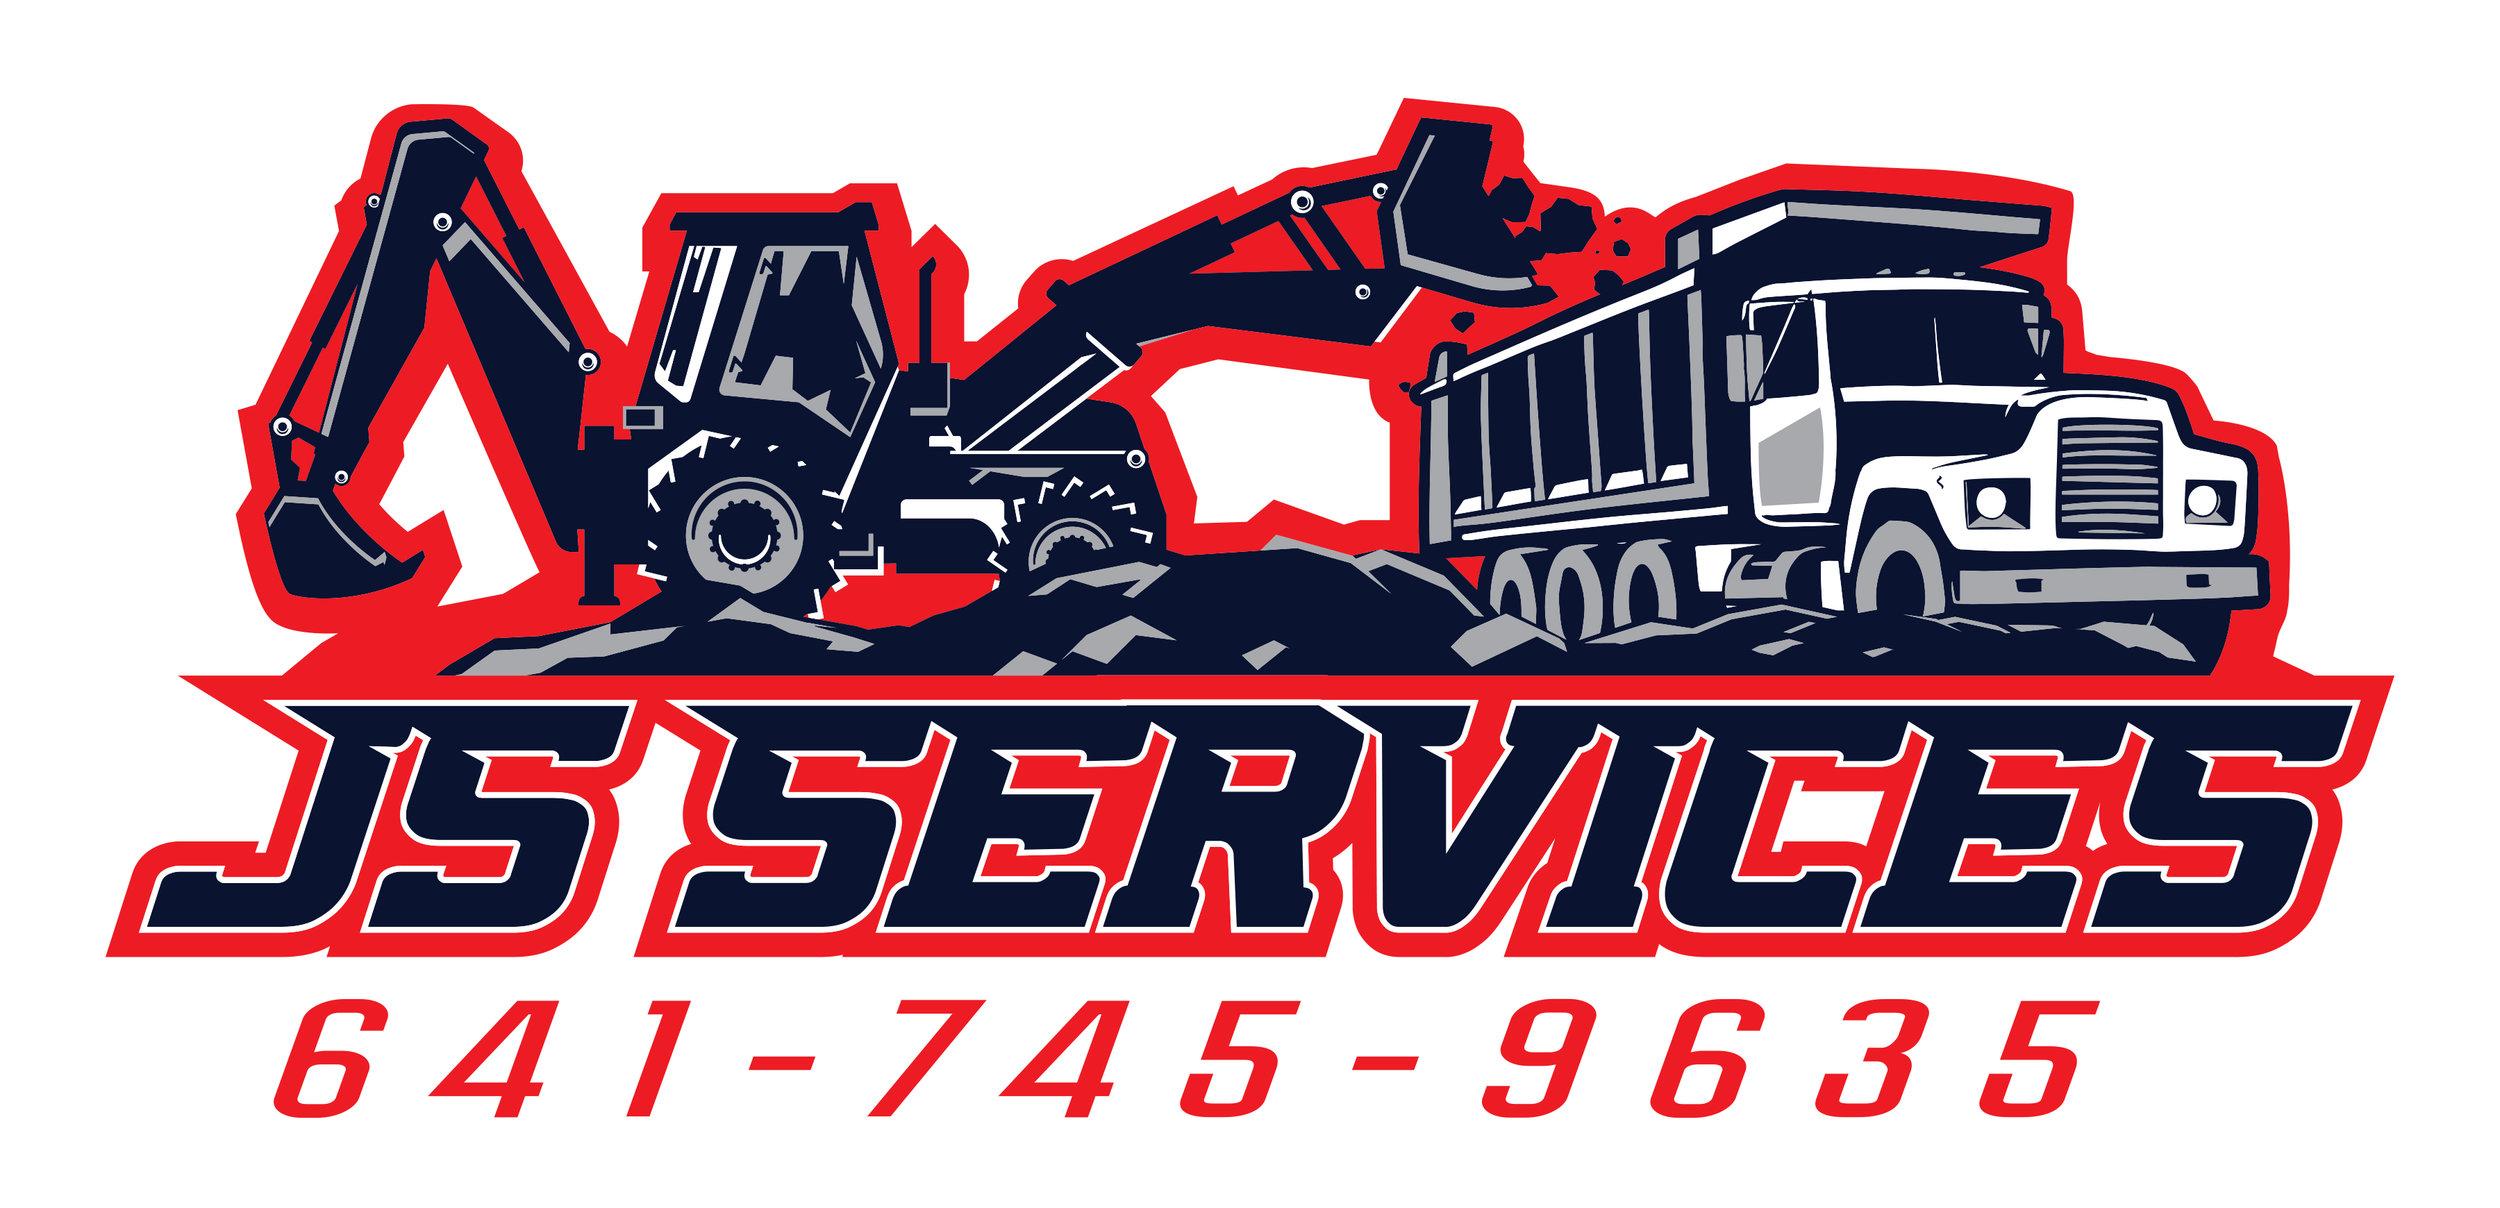 js services FINAL.jpg